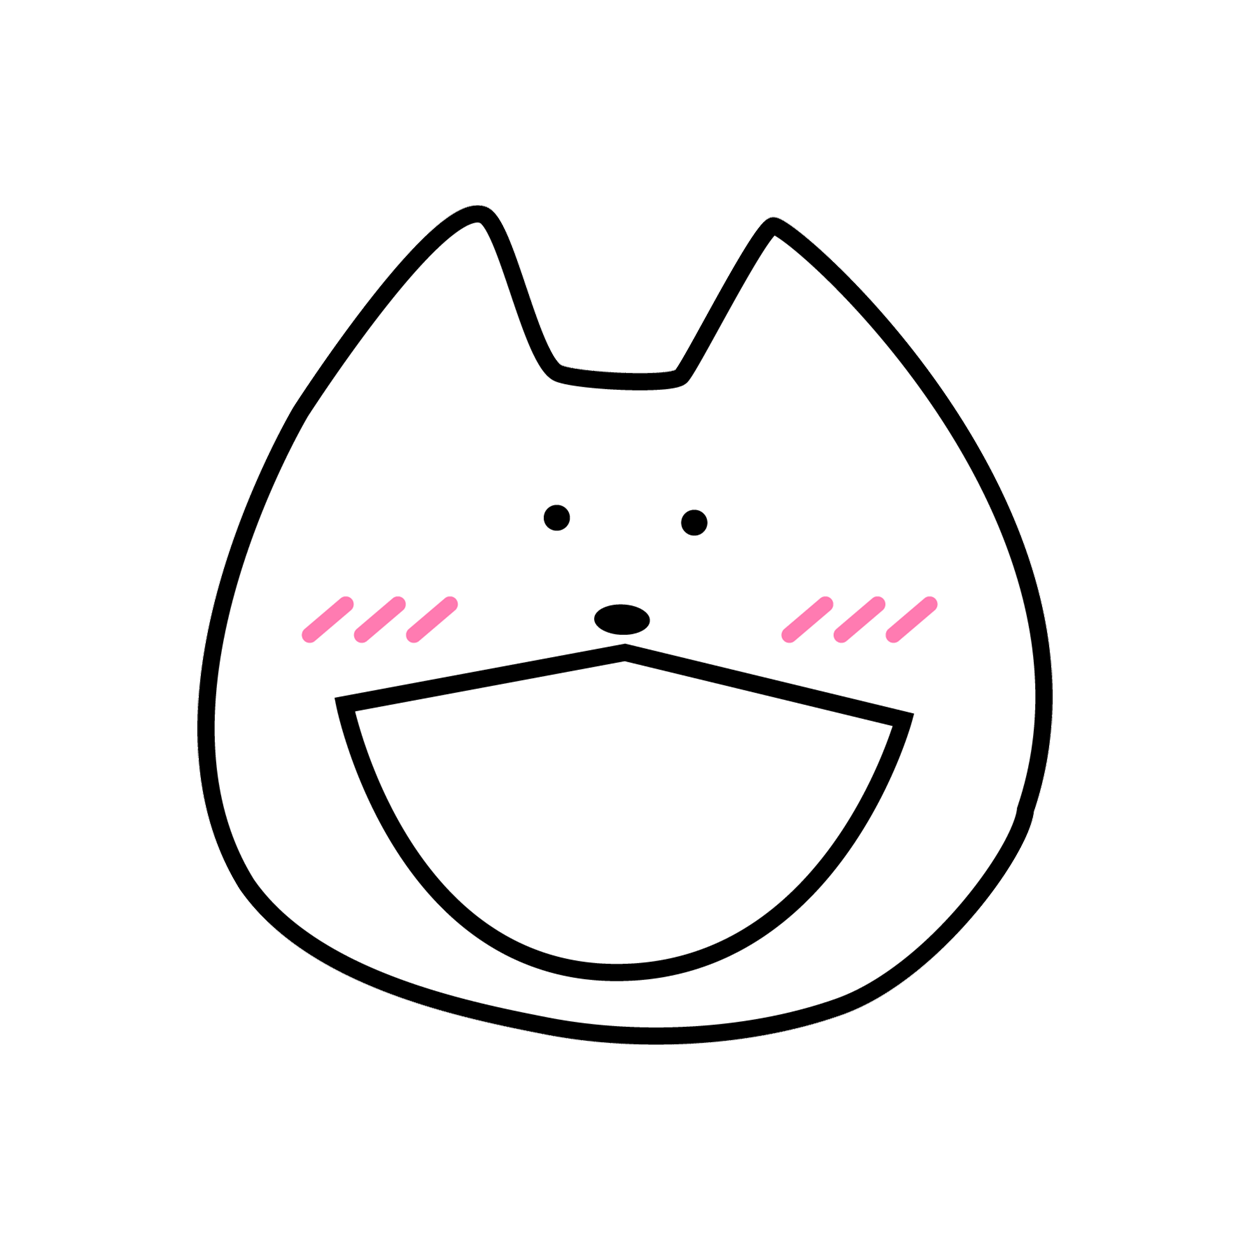 コミュニティマネージャー - Developersjp専用コミュニティマネージャー「まいにちしろねこさん」。リモート歴7年のノウハウを活かしながら、オンラインでも活発なコミュニティーをつくっています。